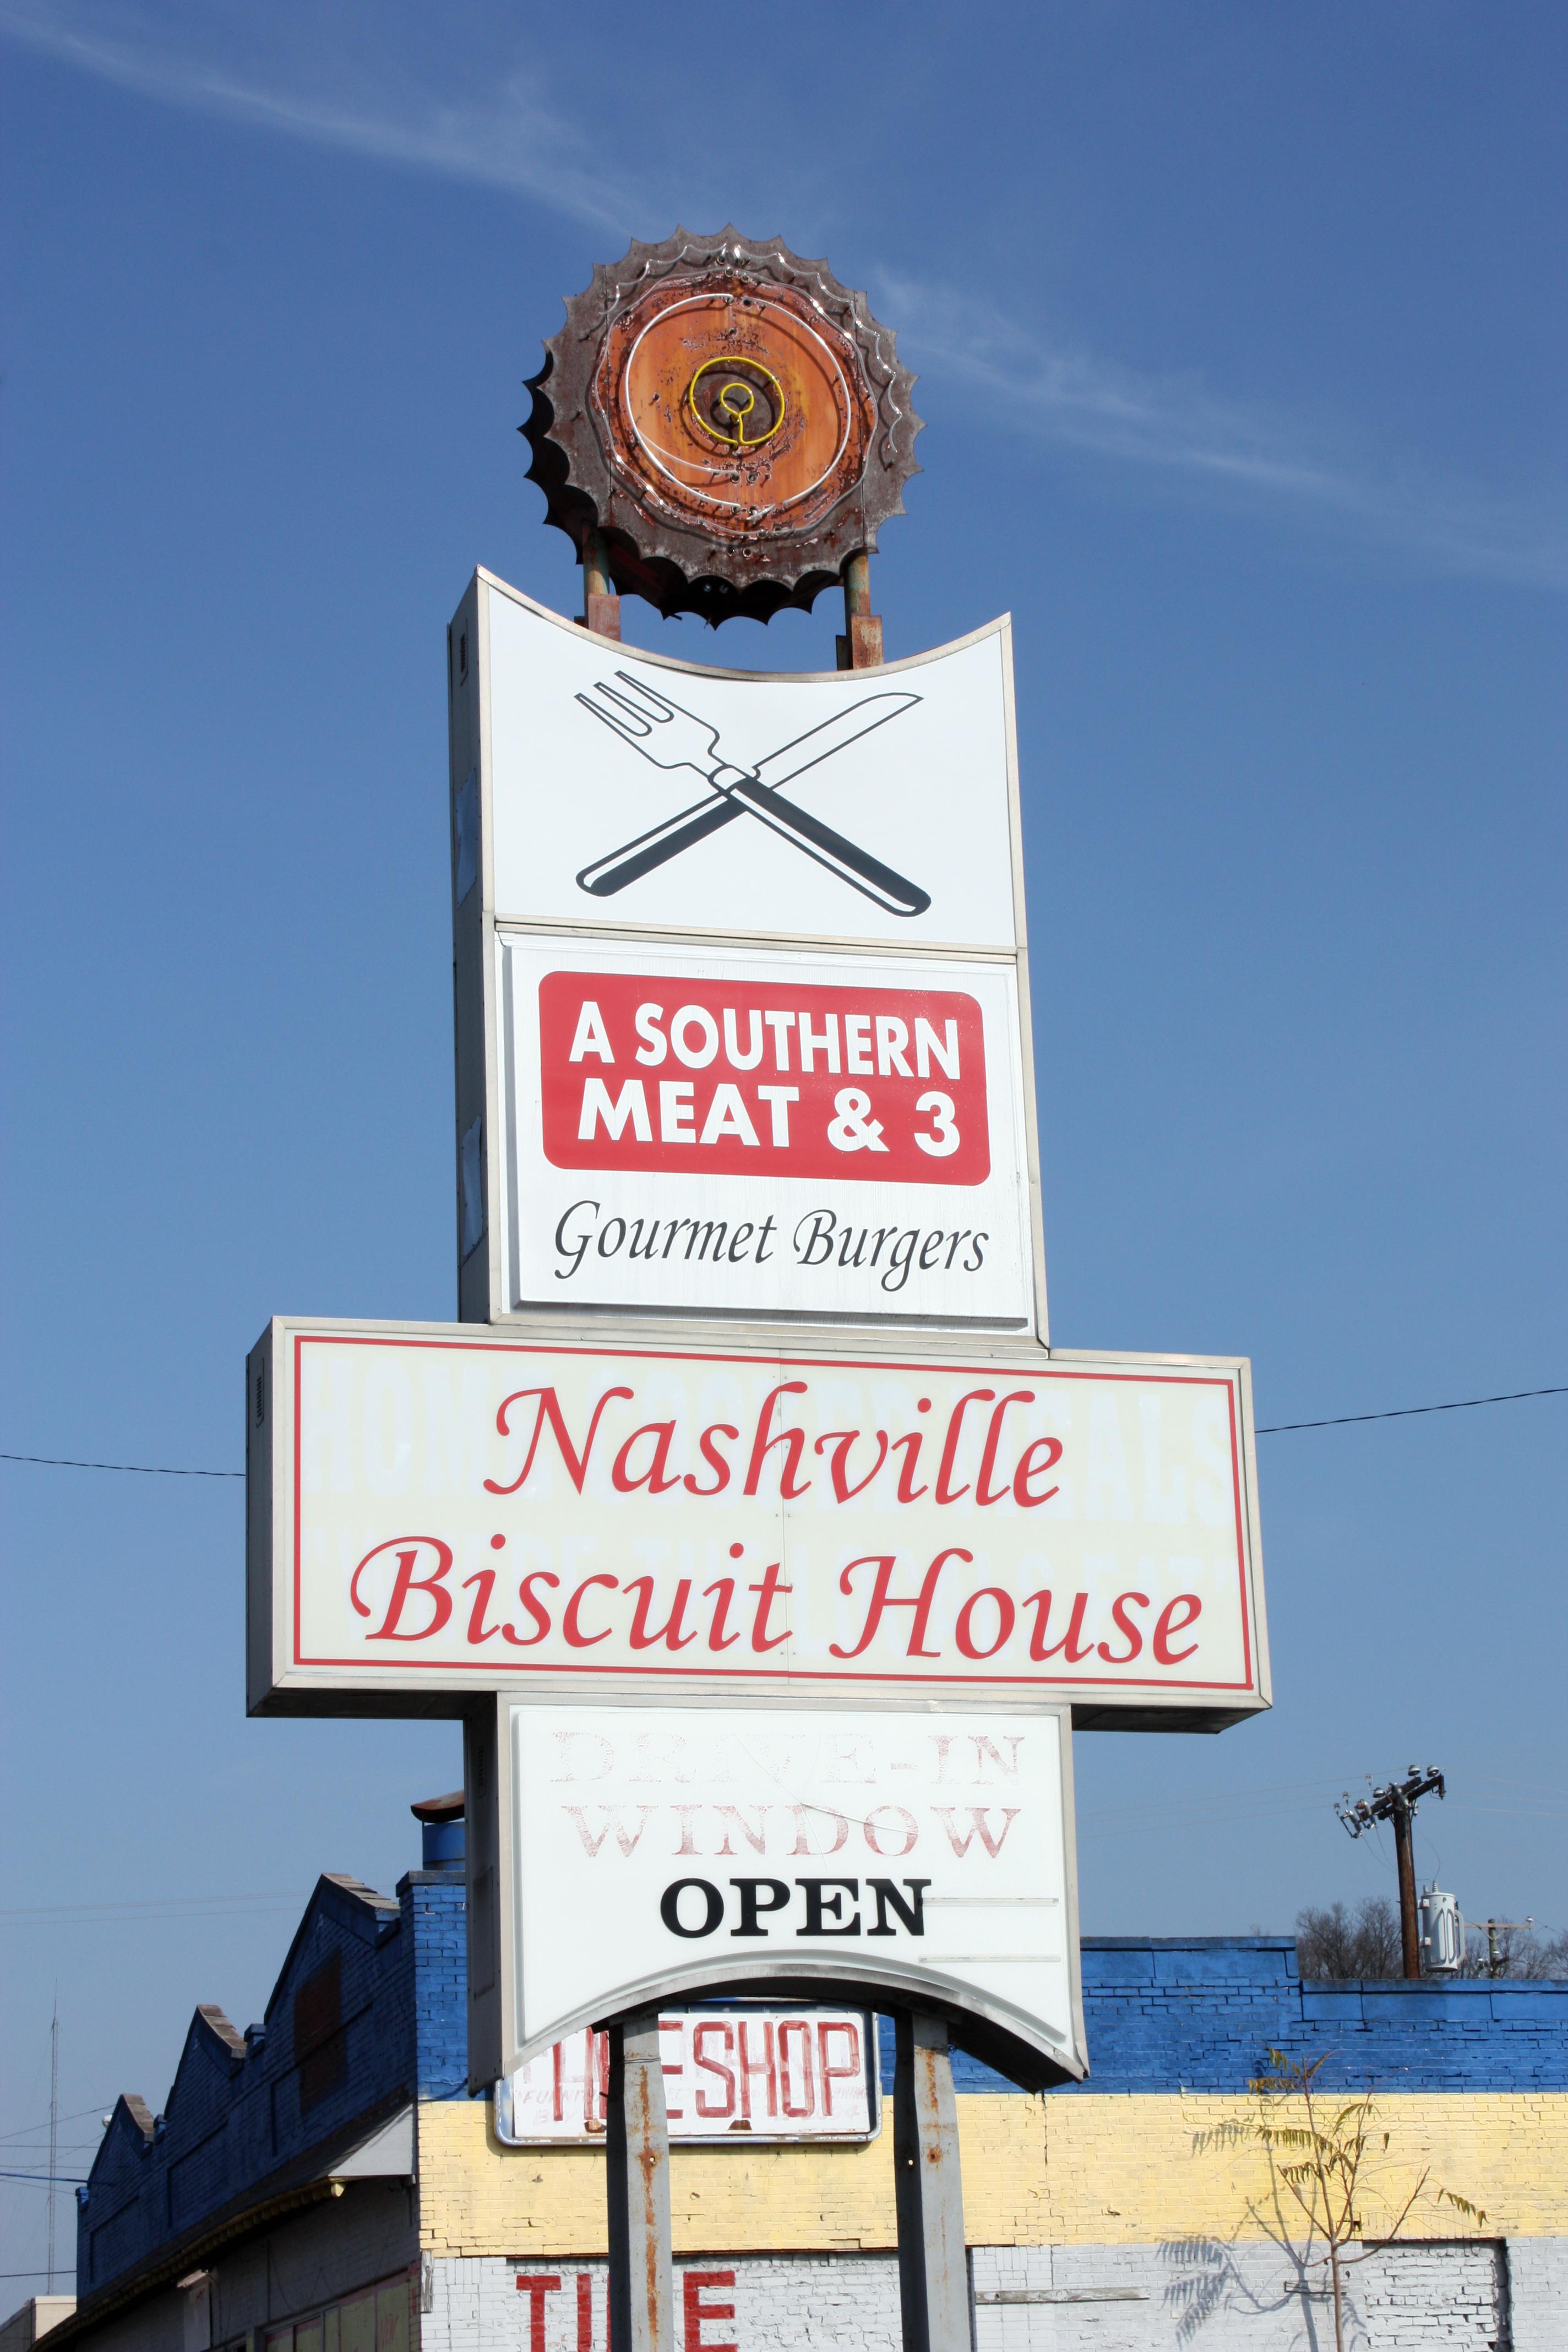 Nashville Biscuit House